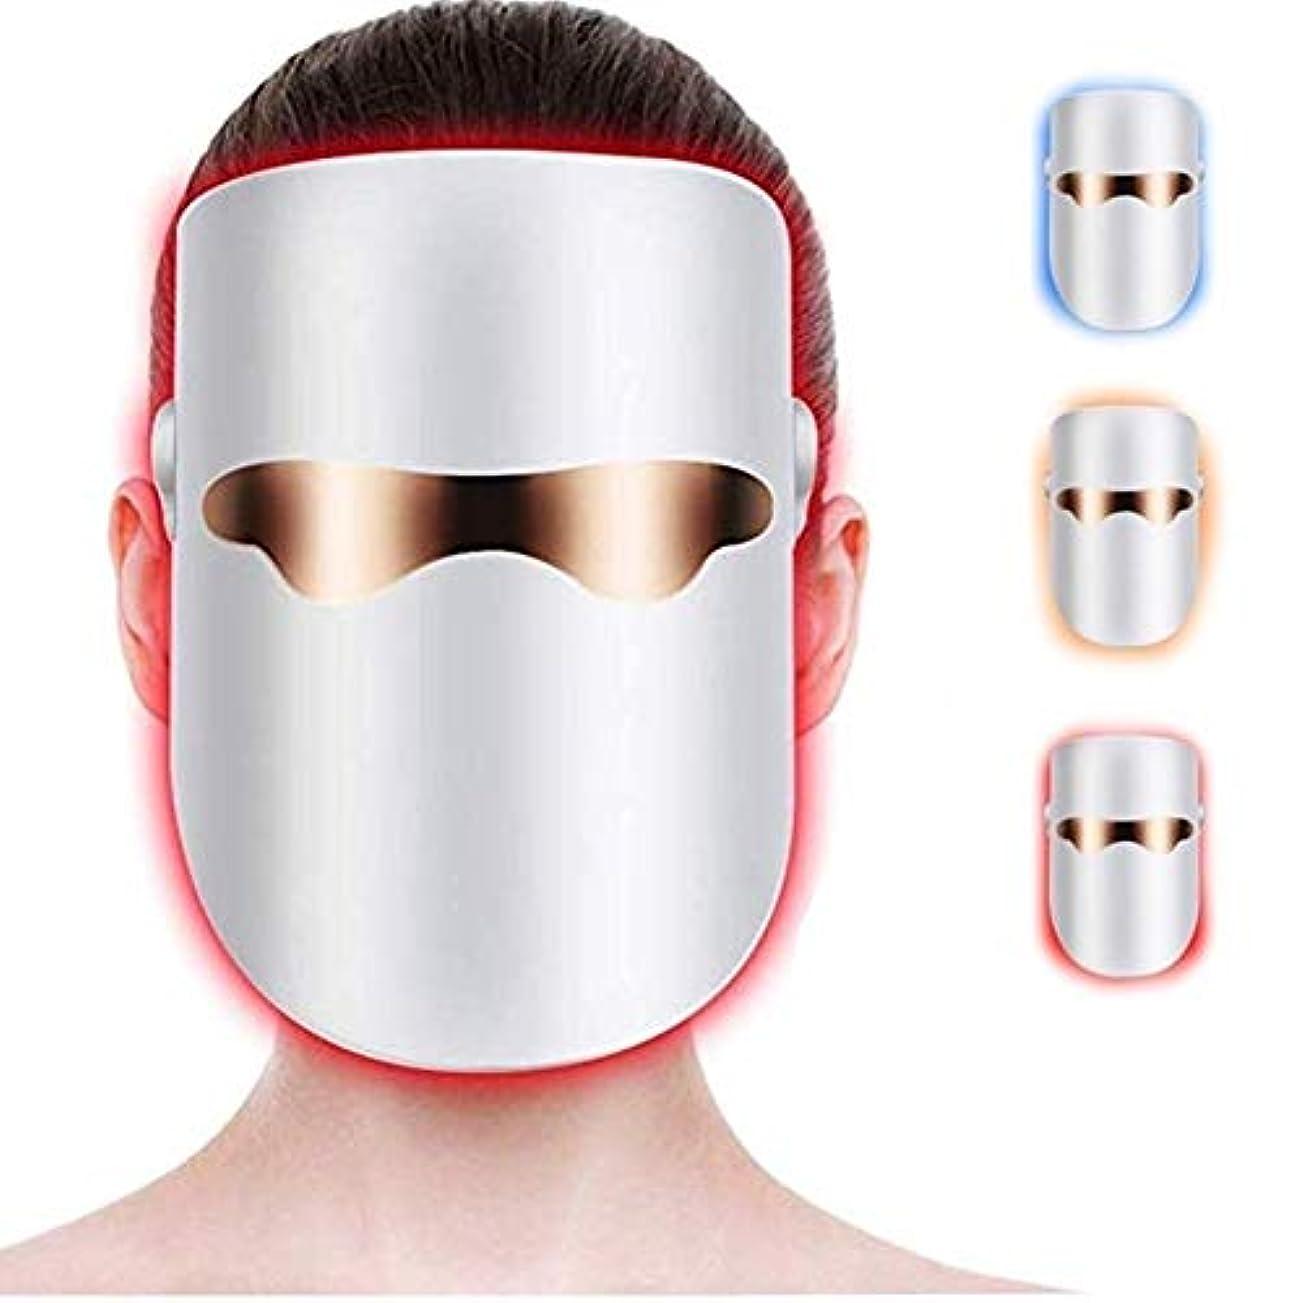 である水ボットLEDフェイシャルマスク、3色のライトセラピーにきびマスク、ツェッペリン光子セラピー?フェイシャル美容無制限のトリートメントのためにアクネスポットリンクルコラーゲンフェイススキンケア若返りマスク (Color : M1)